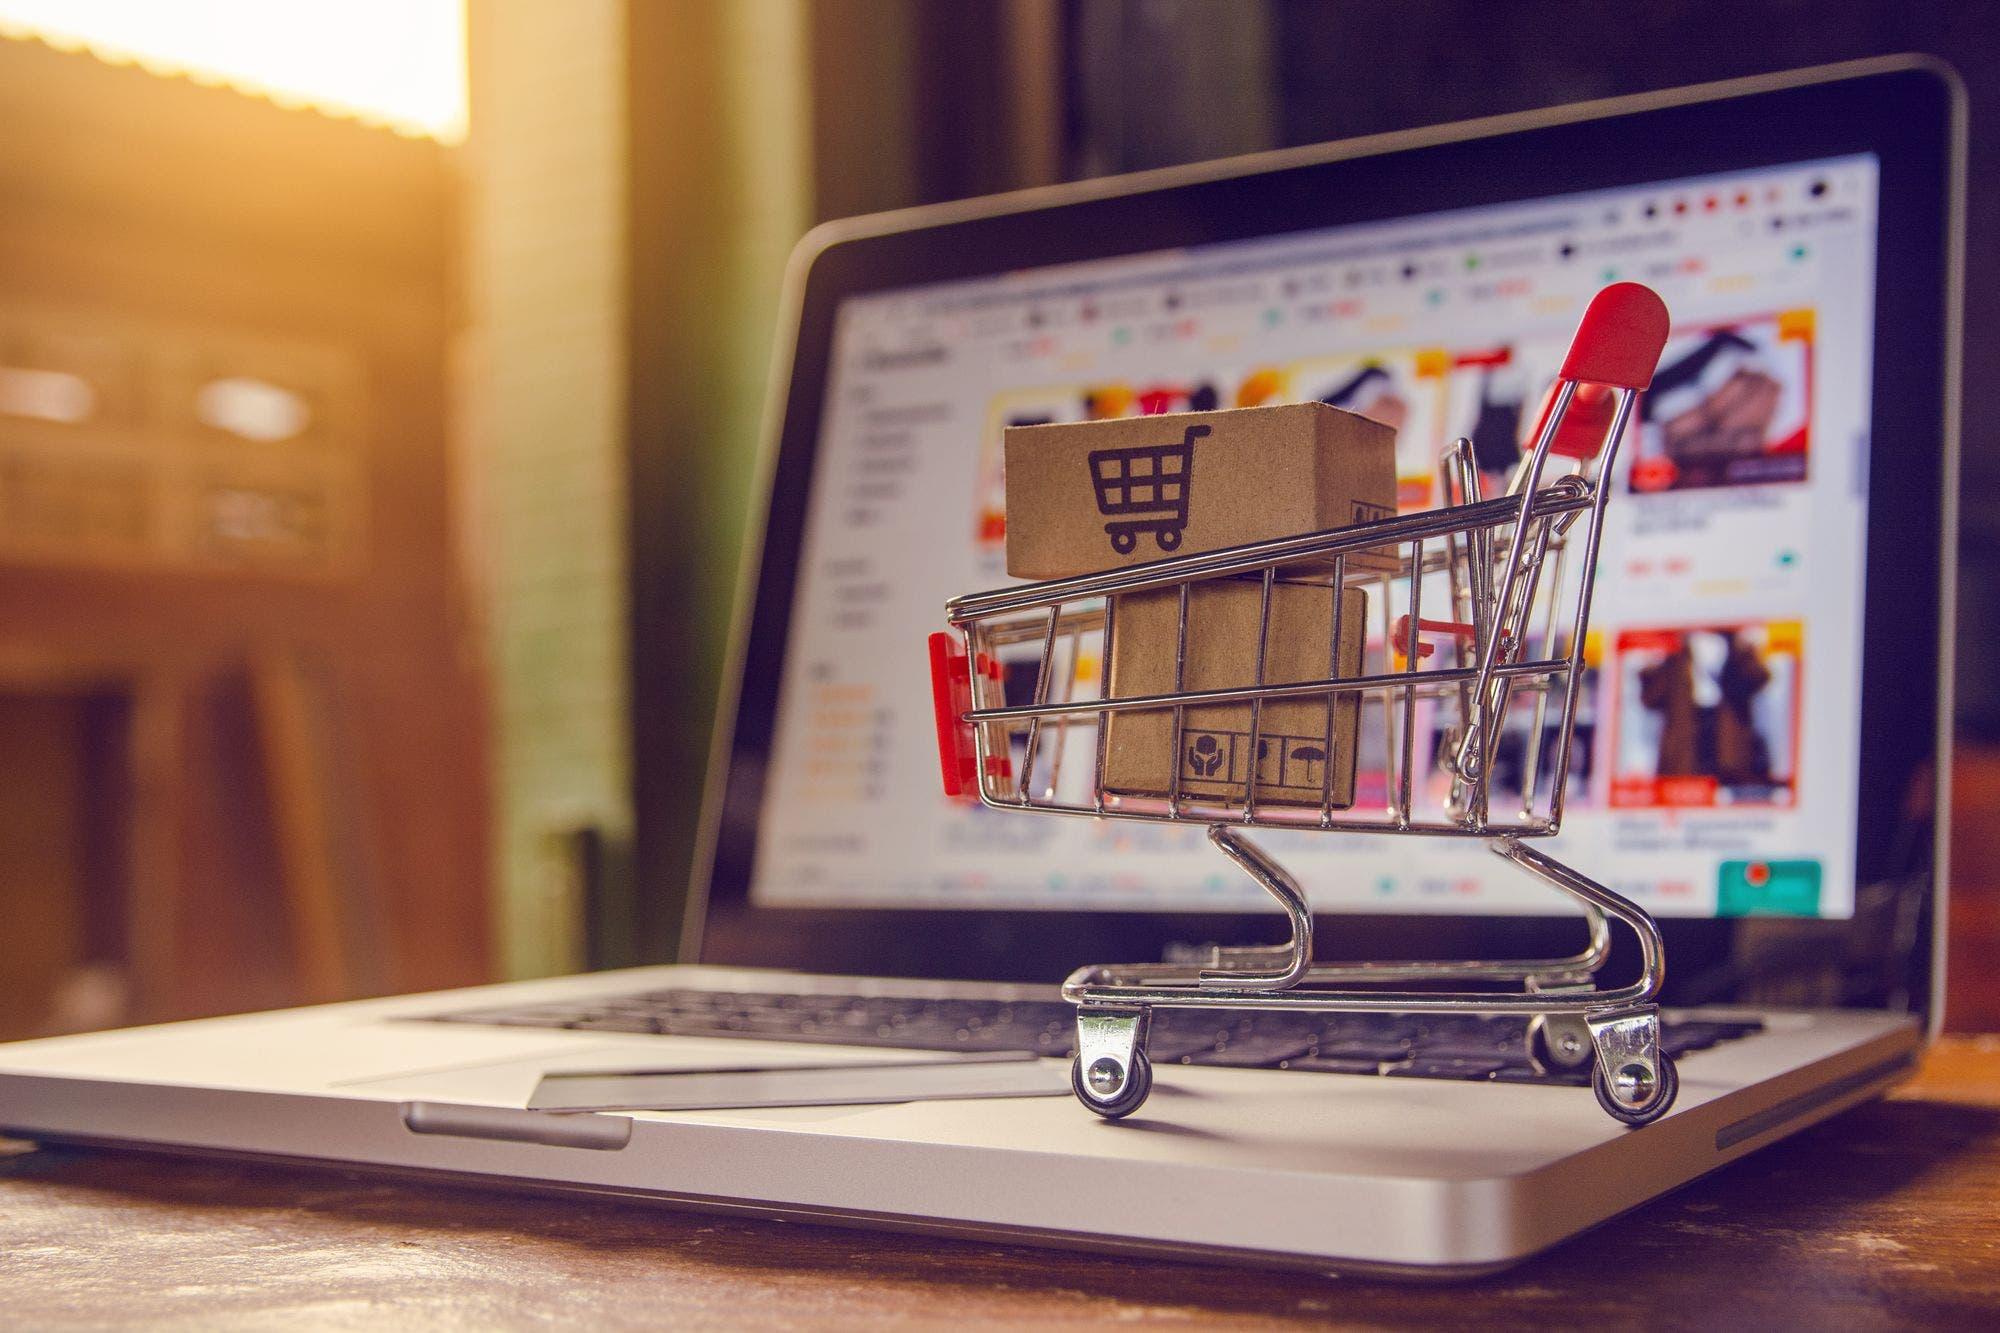 Correo Compras: lanzan una tienda pública online para competir con Mercado Libre